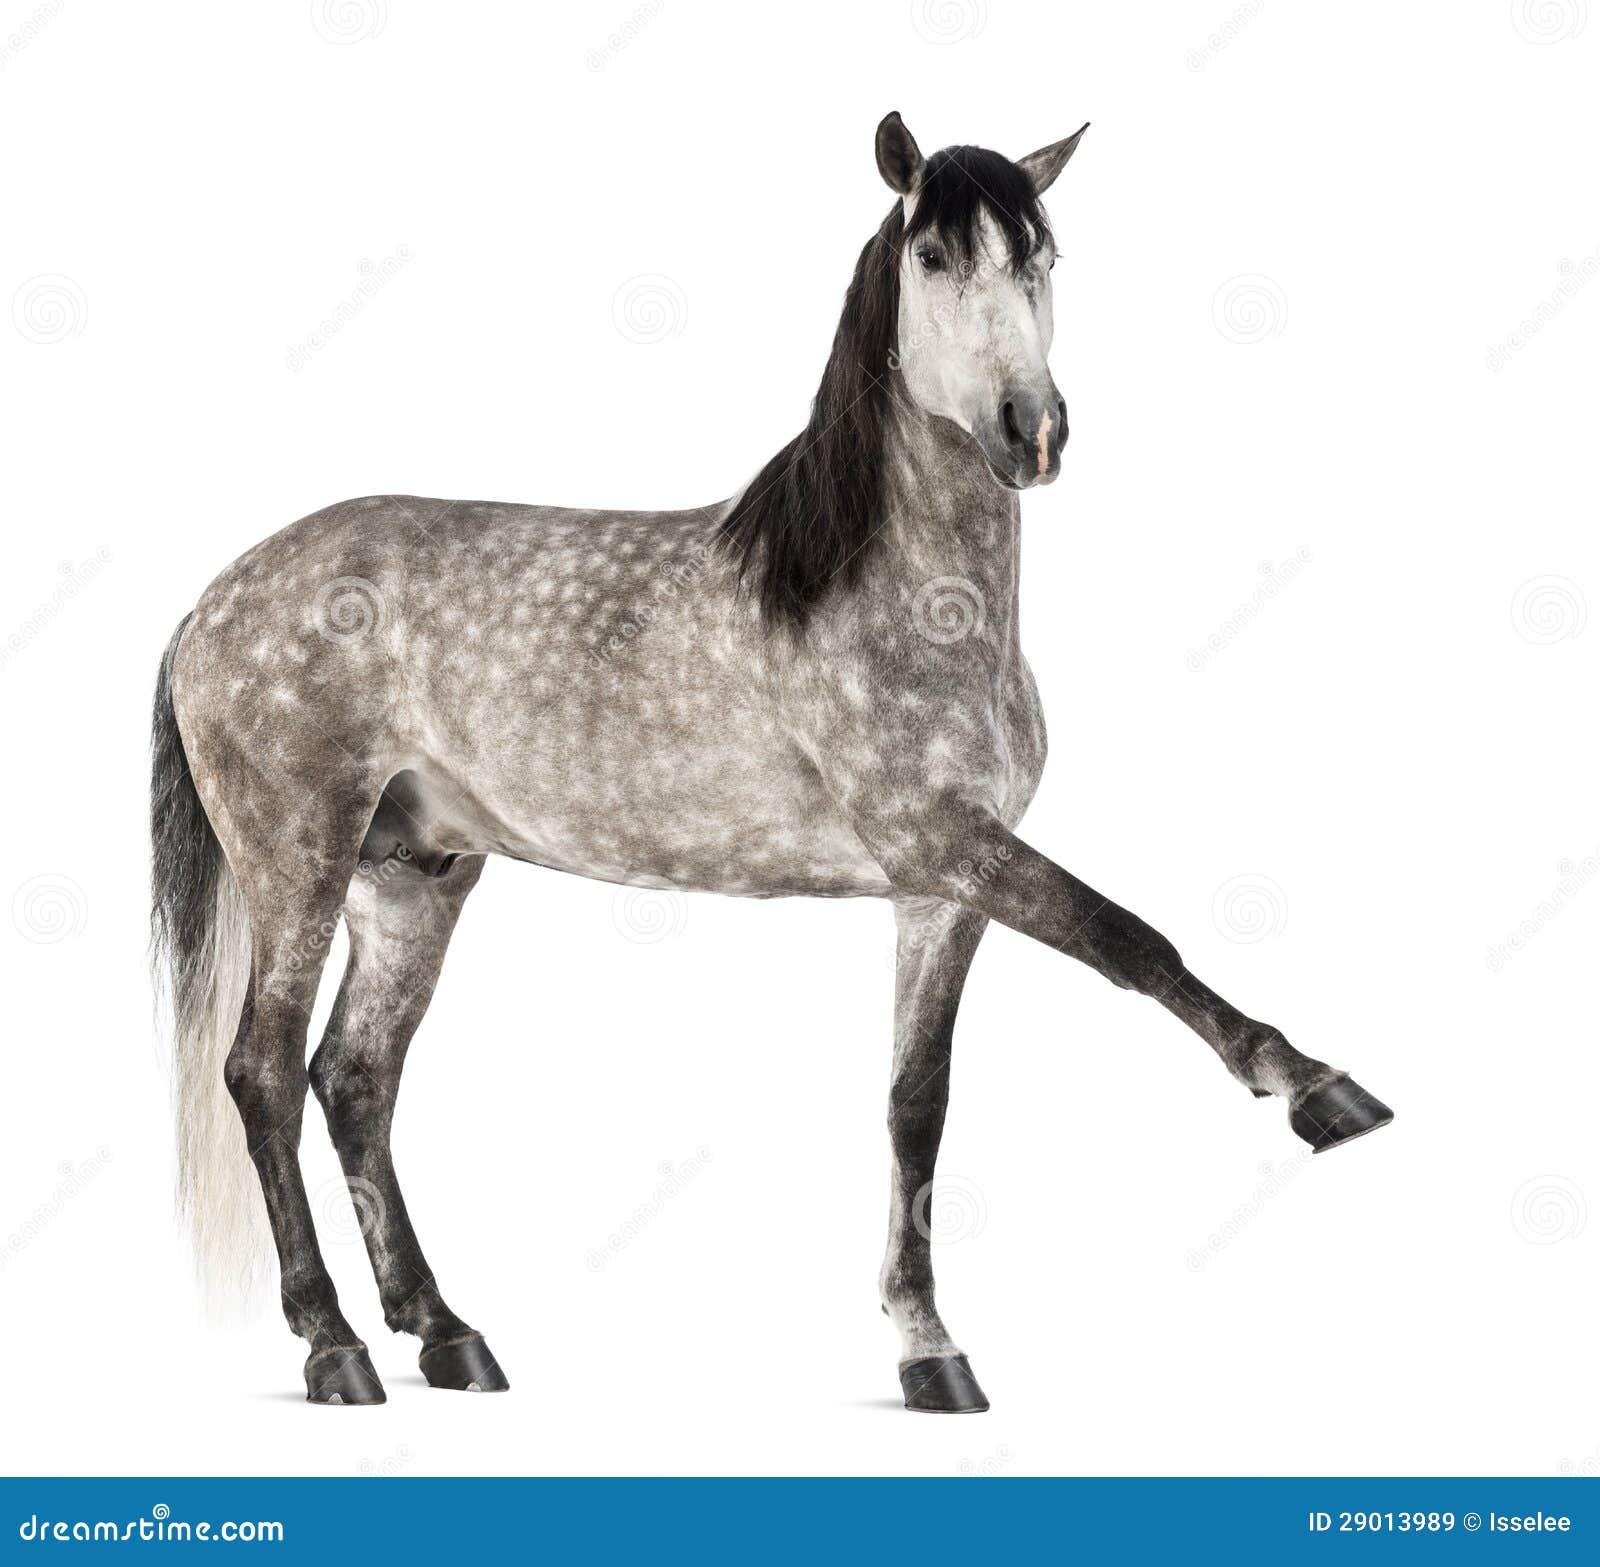 Andalusian поднимая переднюю ногу, 7 лет старых, также известную как чисто испанская лошадь или PRE